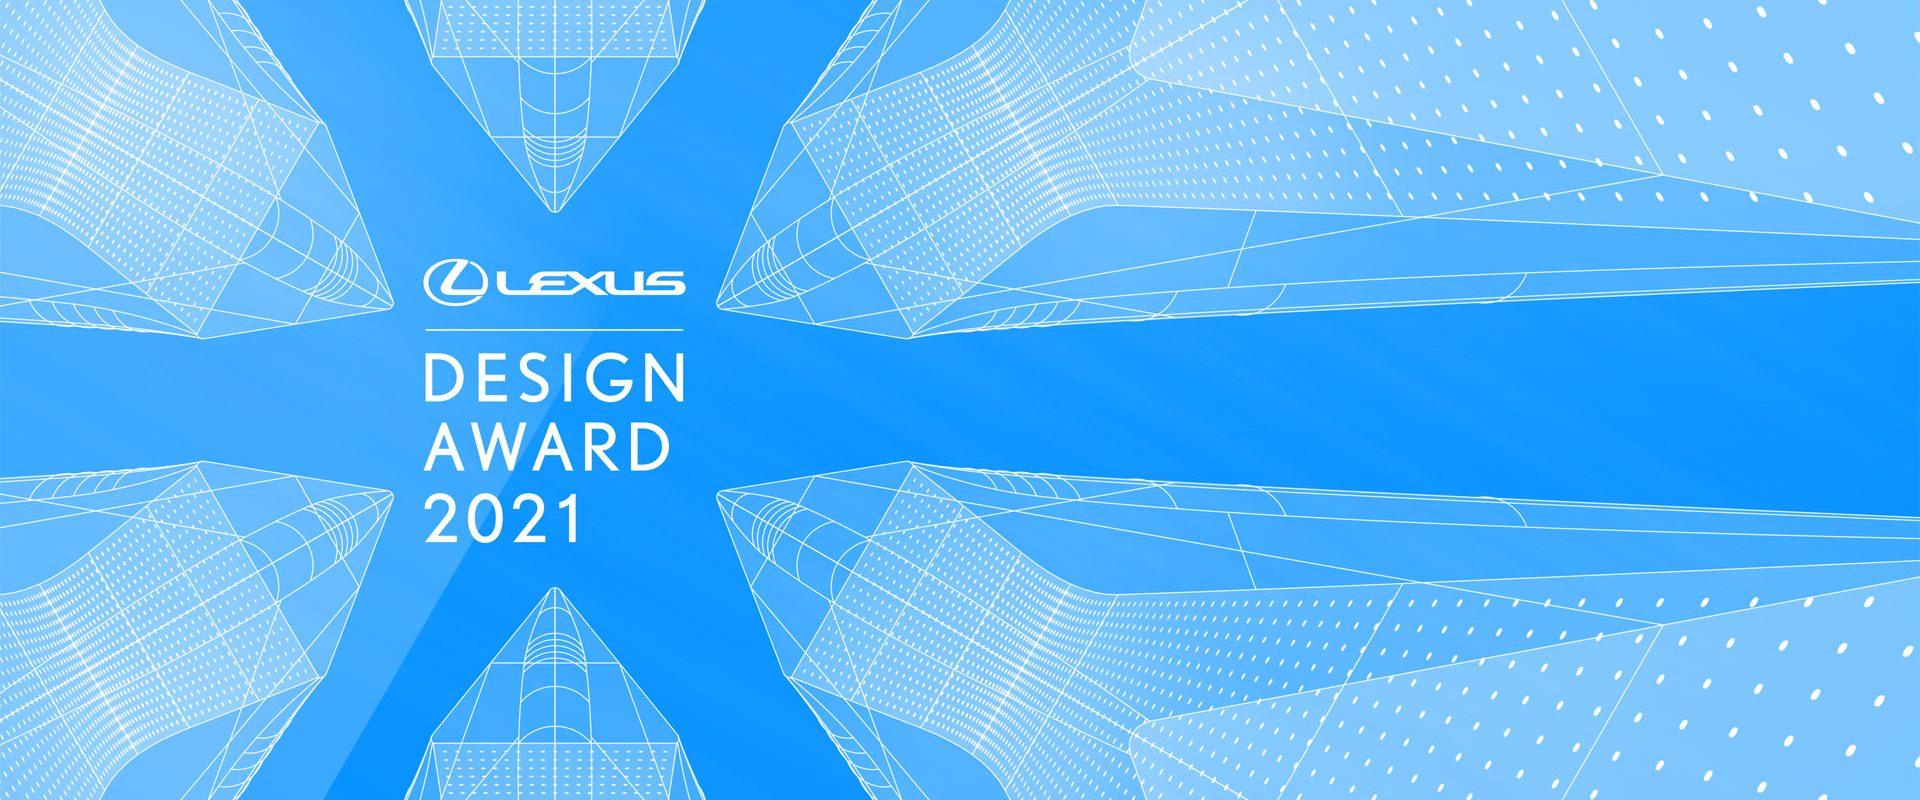 Lexus Design Award 2021: inzendingen nu welkom